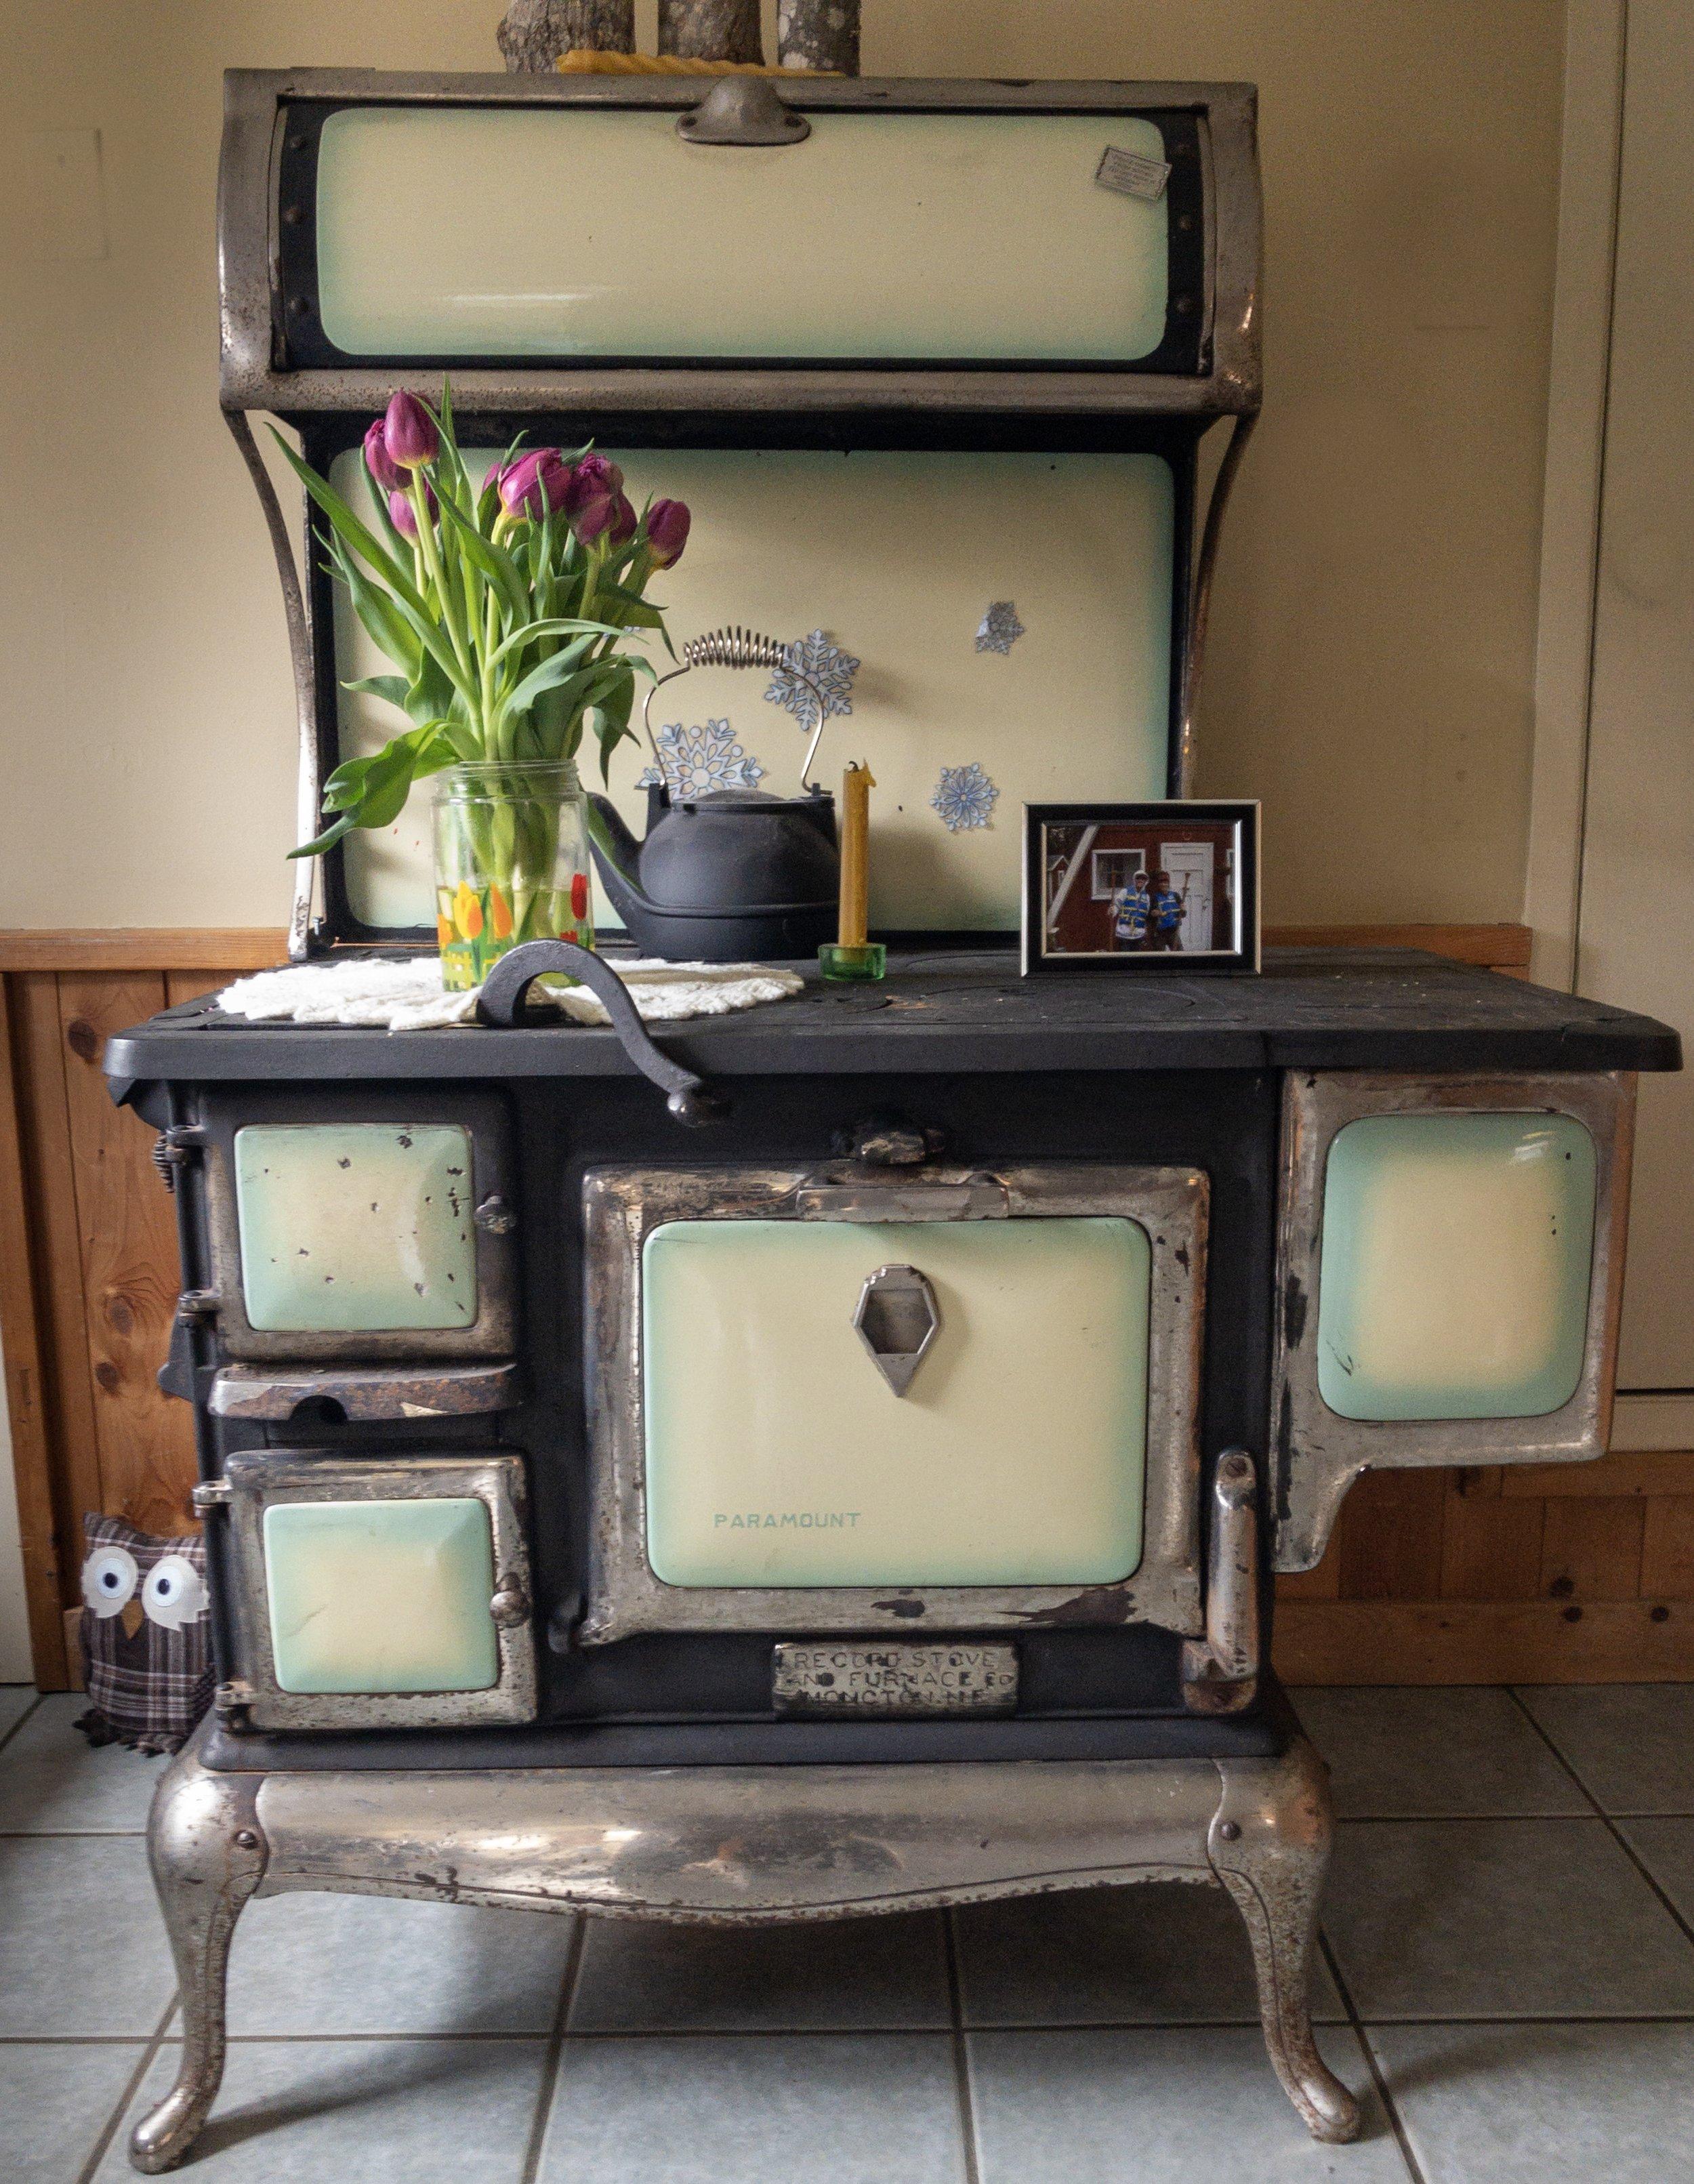 Janice's wood burning stove